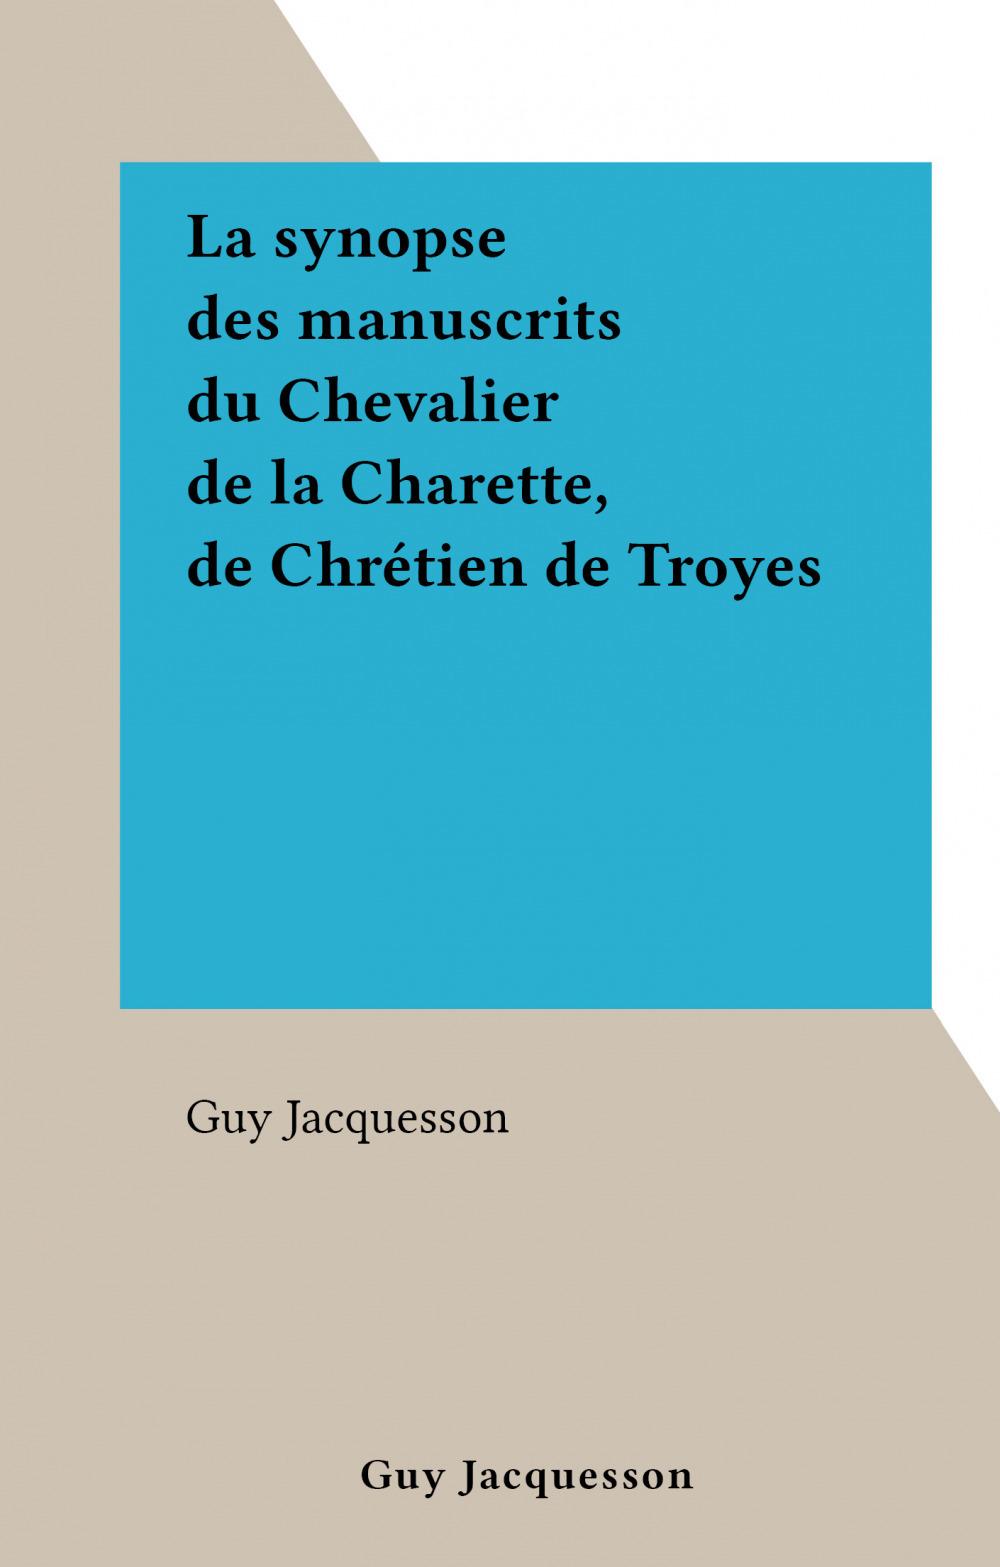 La synopse des manuscrits du Chevalier de la Charette, de Chrétien de Troyes